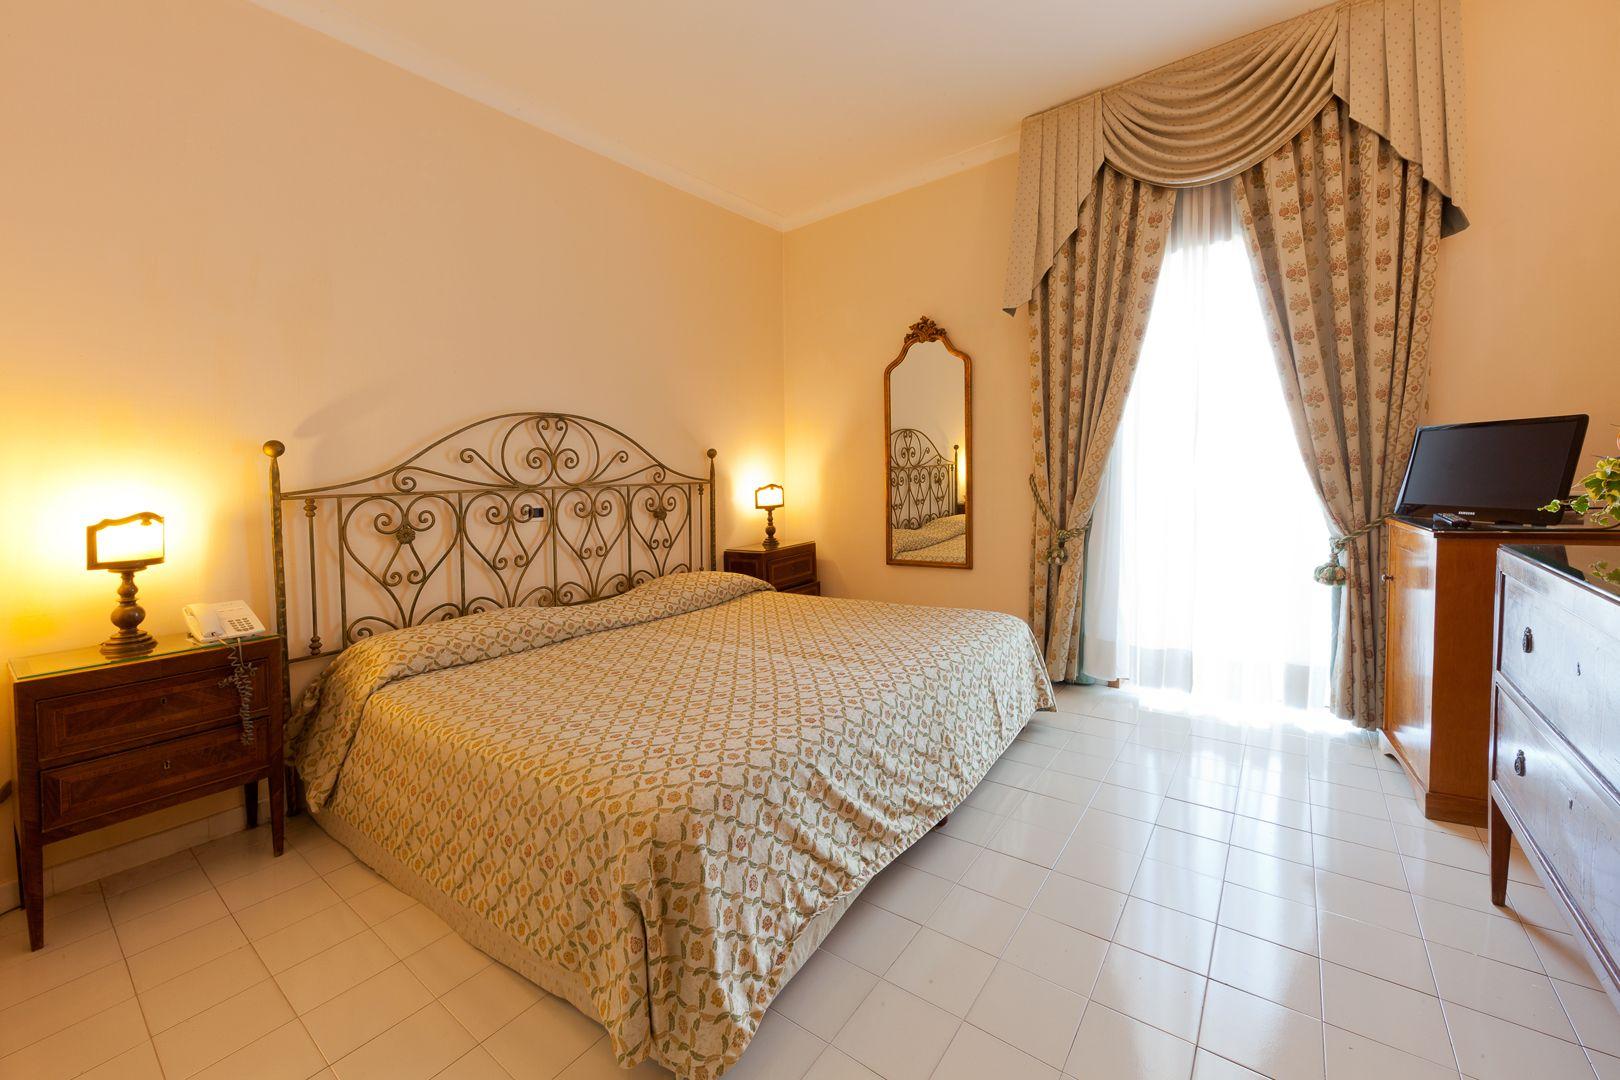 Hotel-Ischia-Grand-Hotel-Terme-di-Augusto-doppia-comfort-1